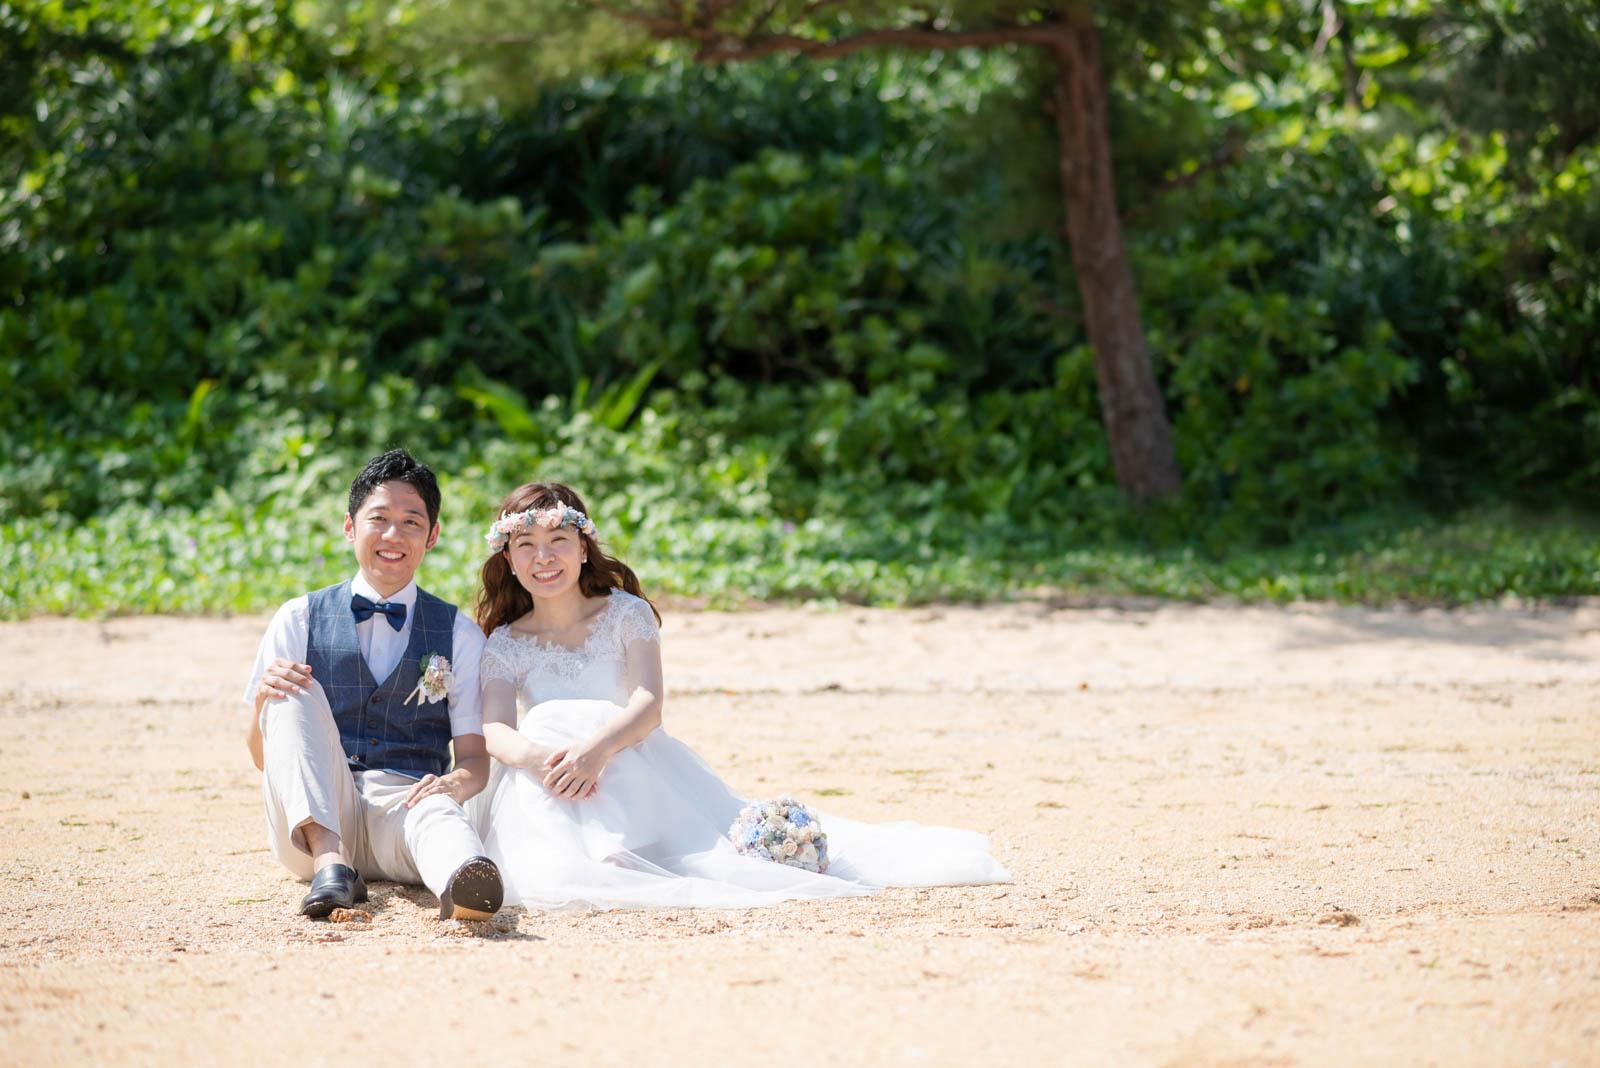 砂浜に座って素敵な笑顔